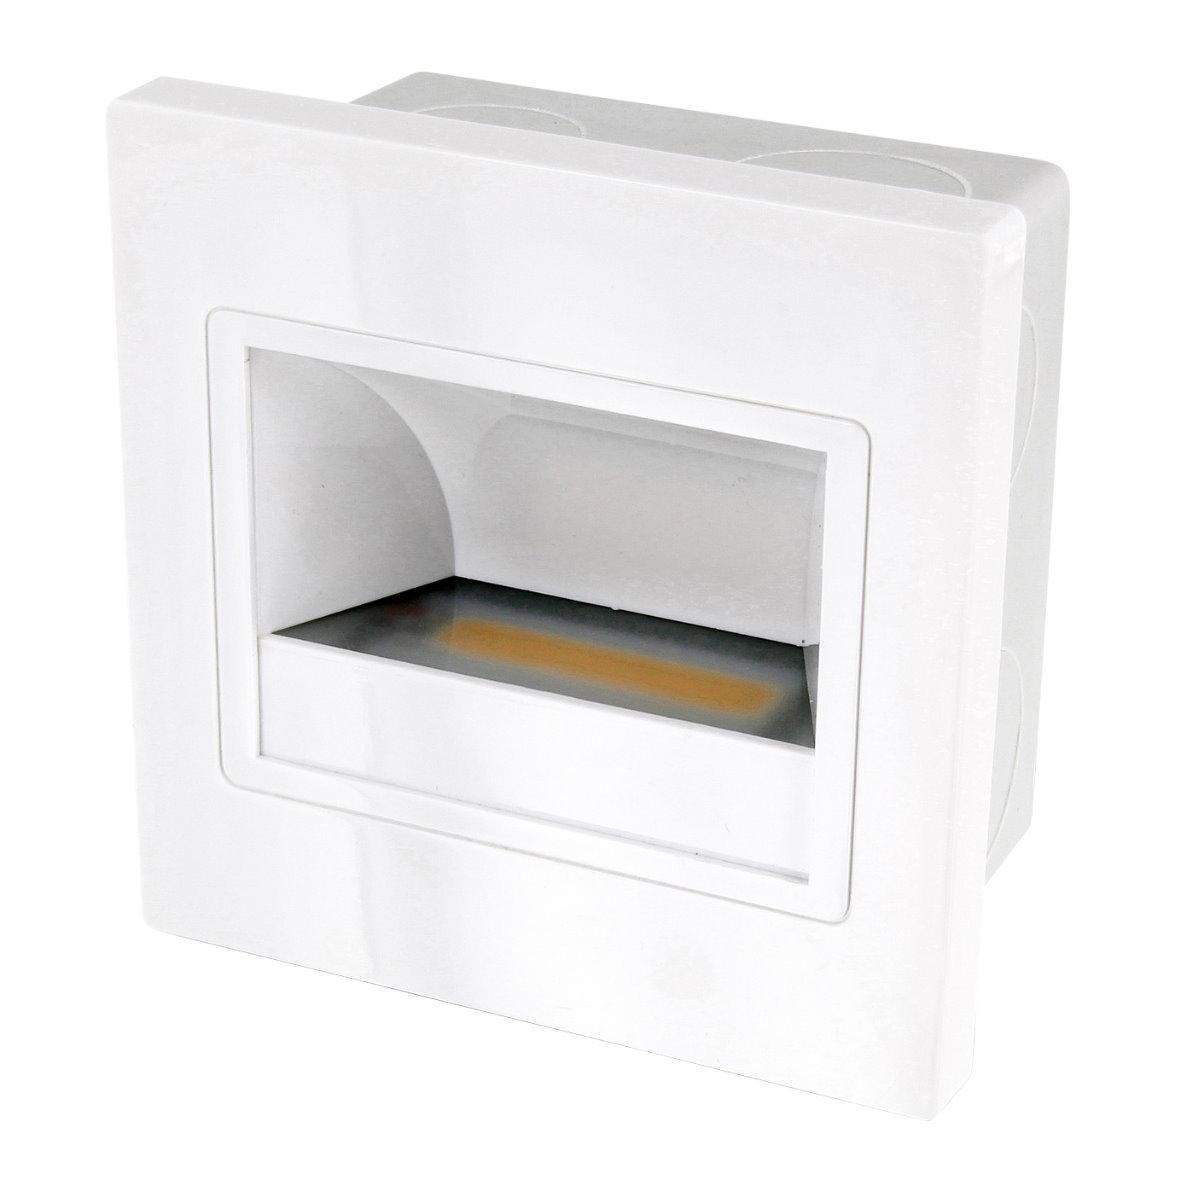 Led Küchenbeleuchtung Einbau ~ led cob wandeinbauleuchte 230v + up dose einbauspot treppenlicht einbau leuchte